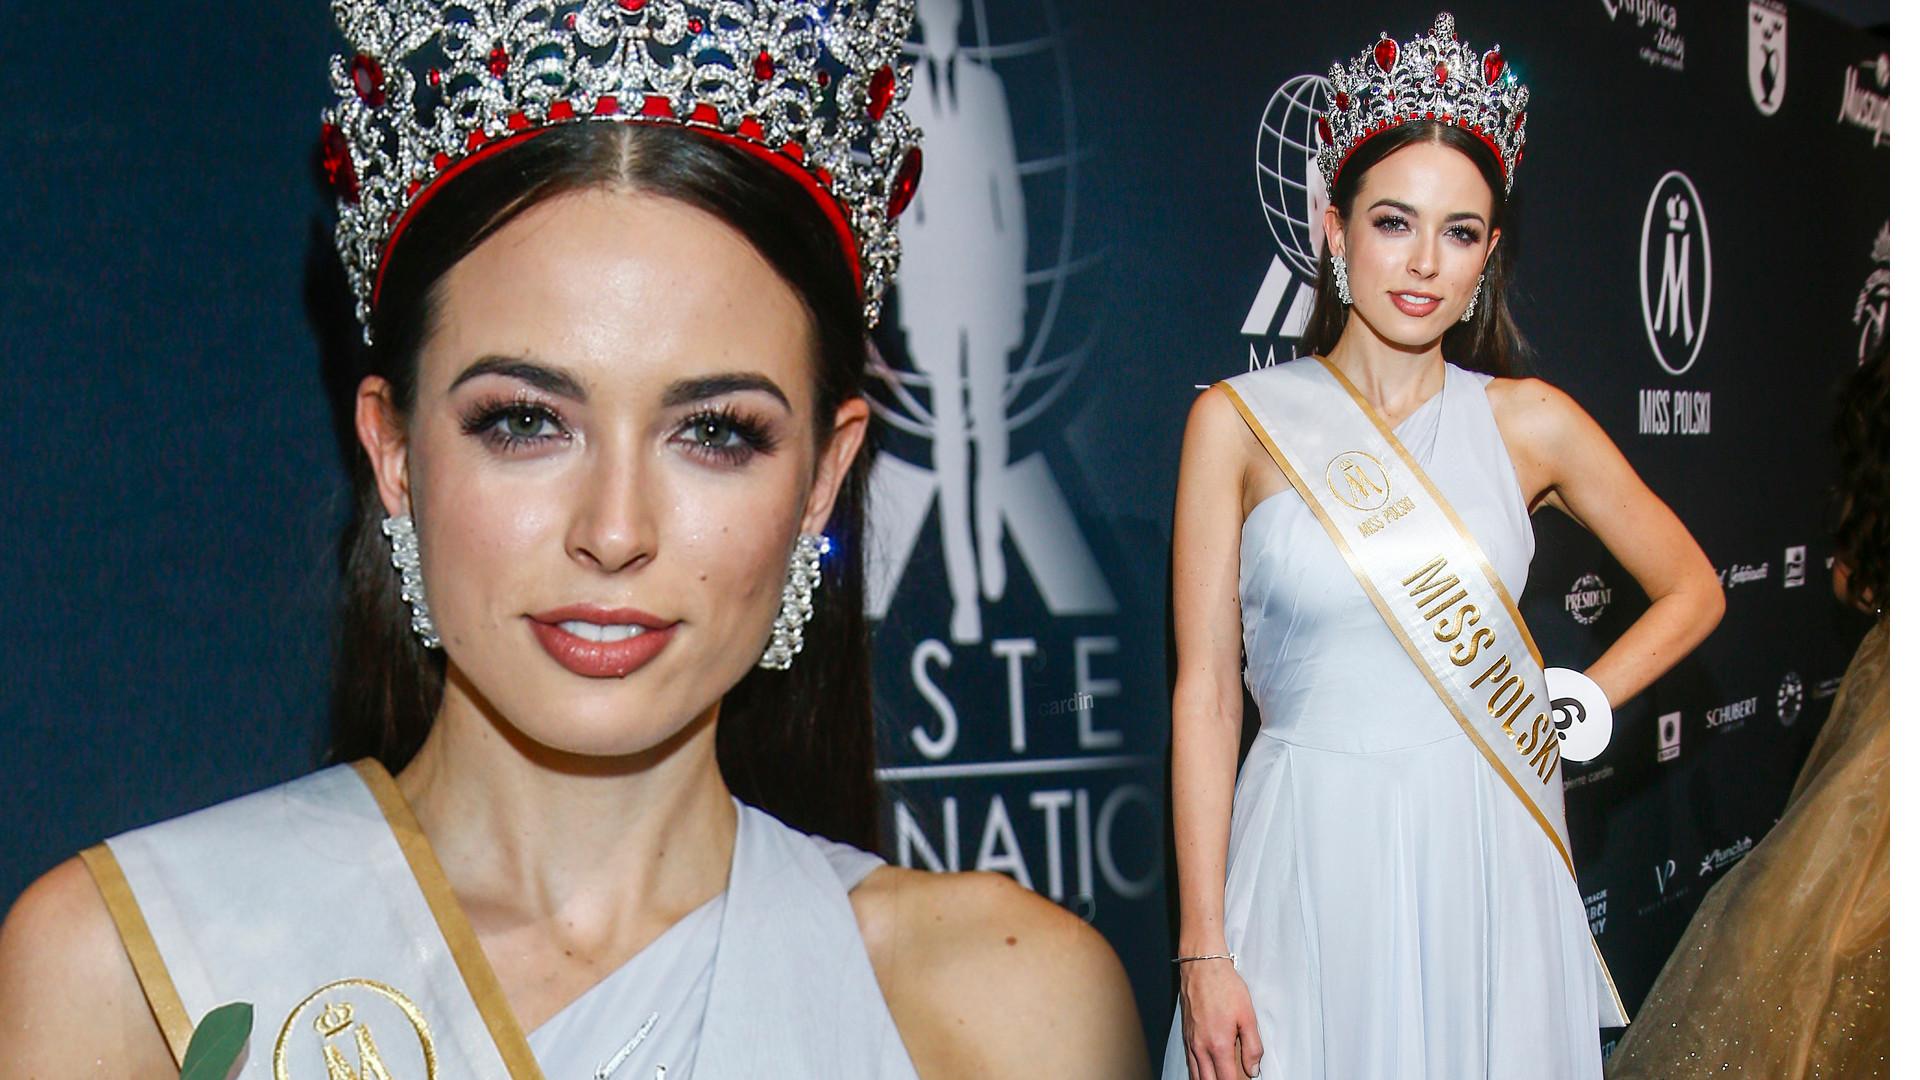 Olga Buława, nowa Miss Polski już wywołuje dyskusje w internecie